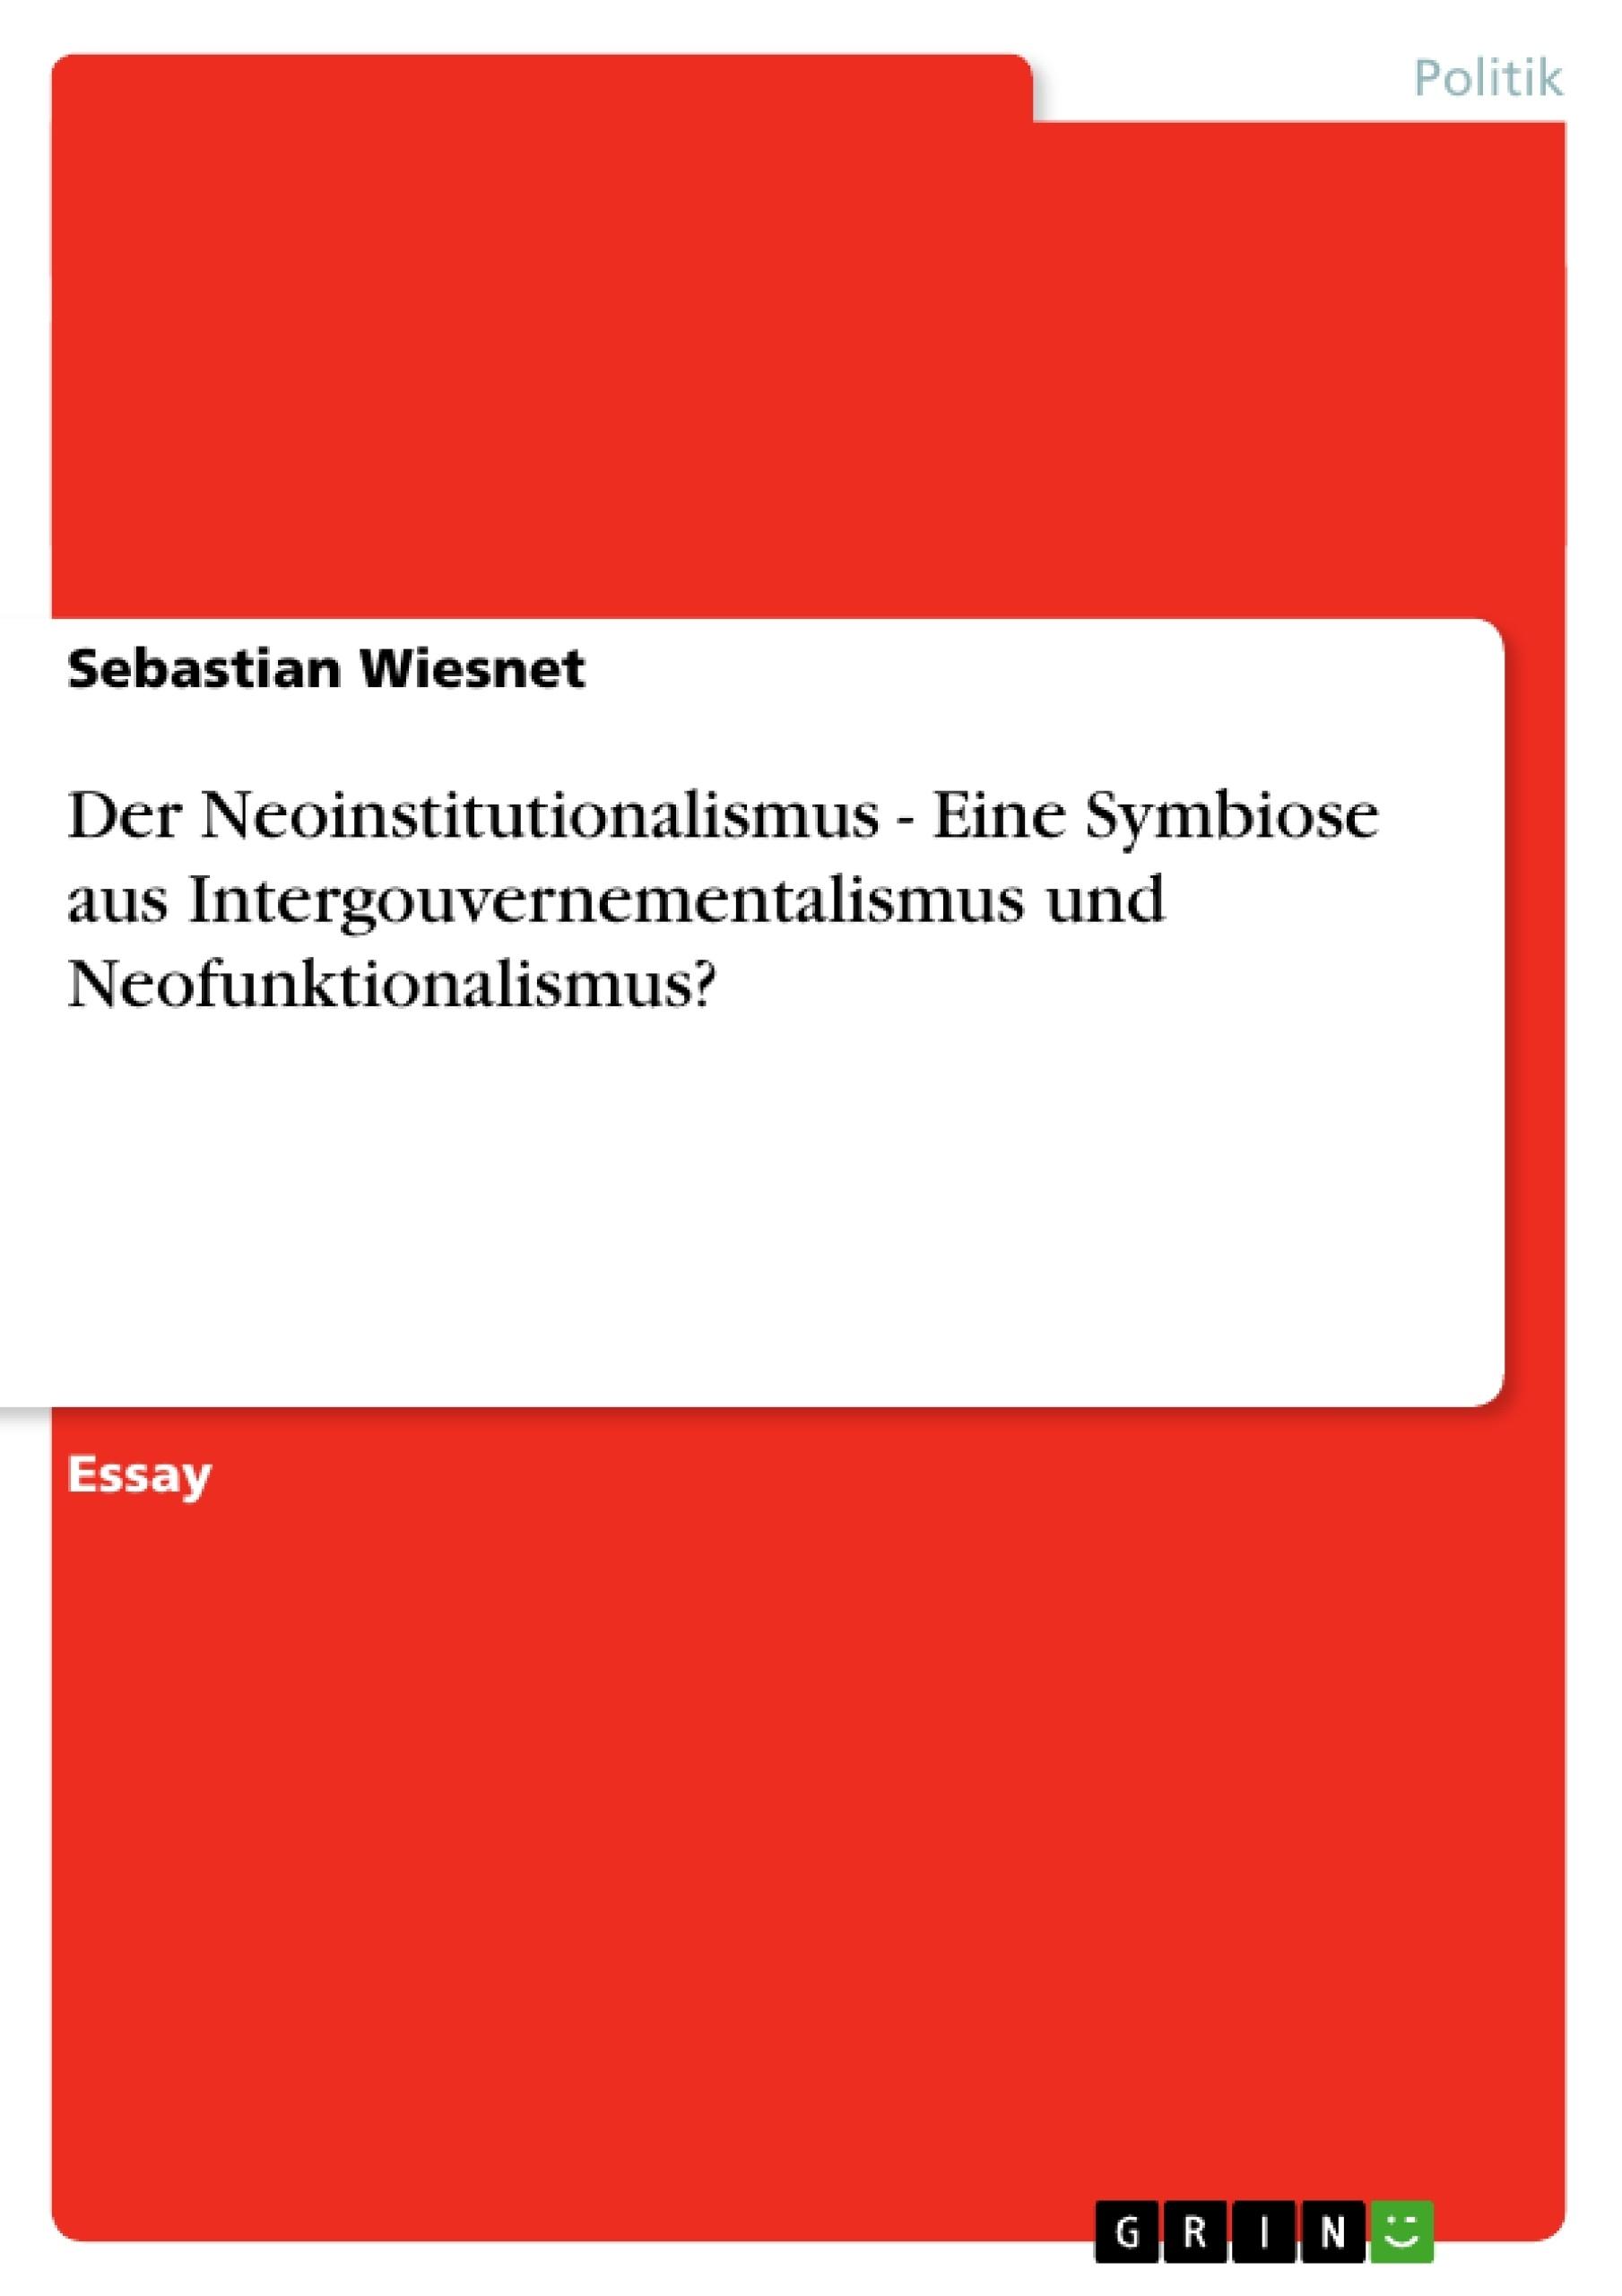 Titel: Der Neoinstitutionalismus - Eine Symbiose aus Intergouvernementalismus und Neofunktionalismus?